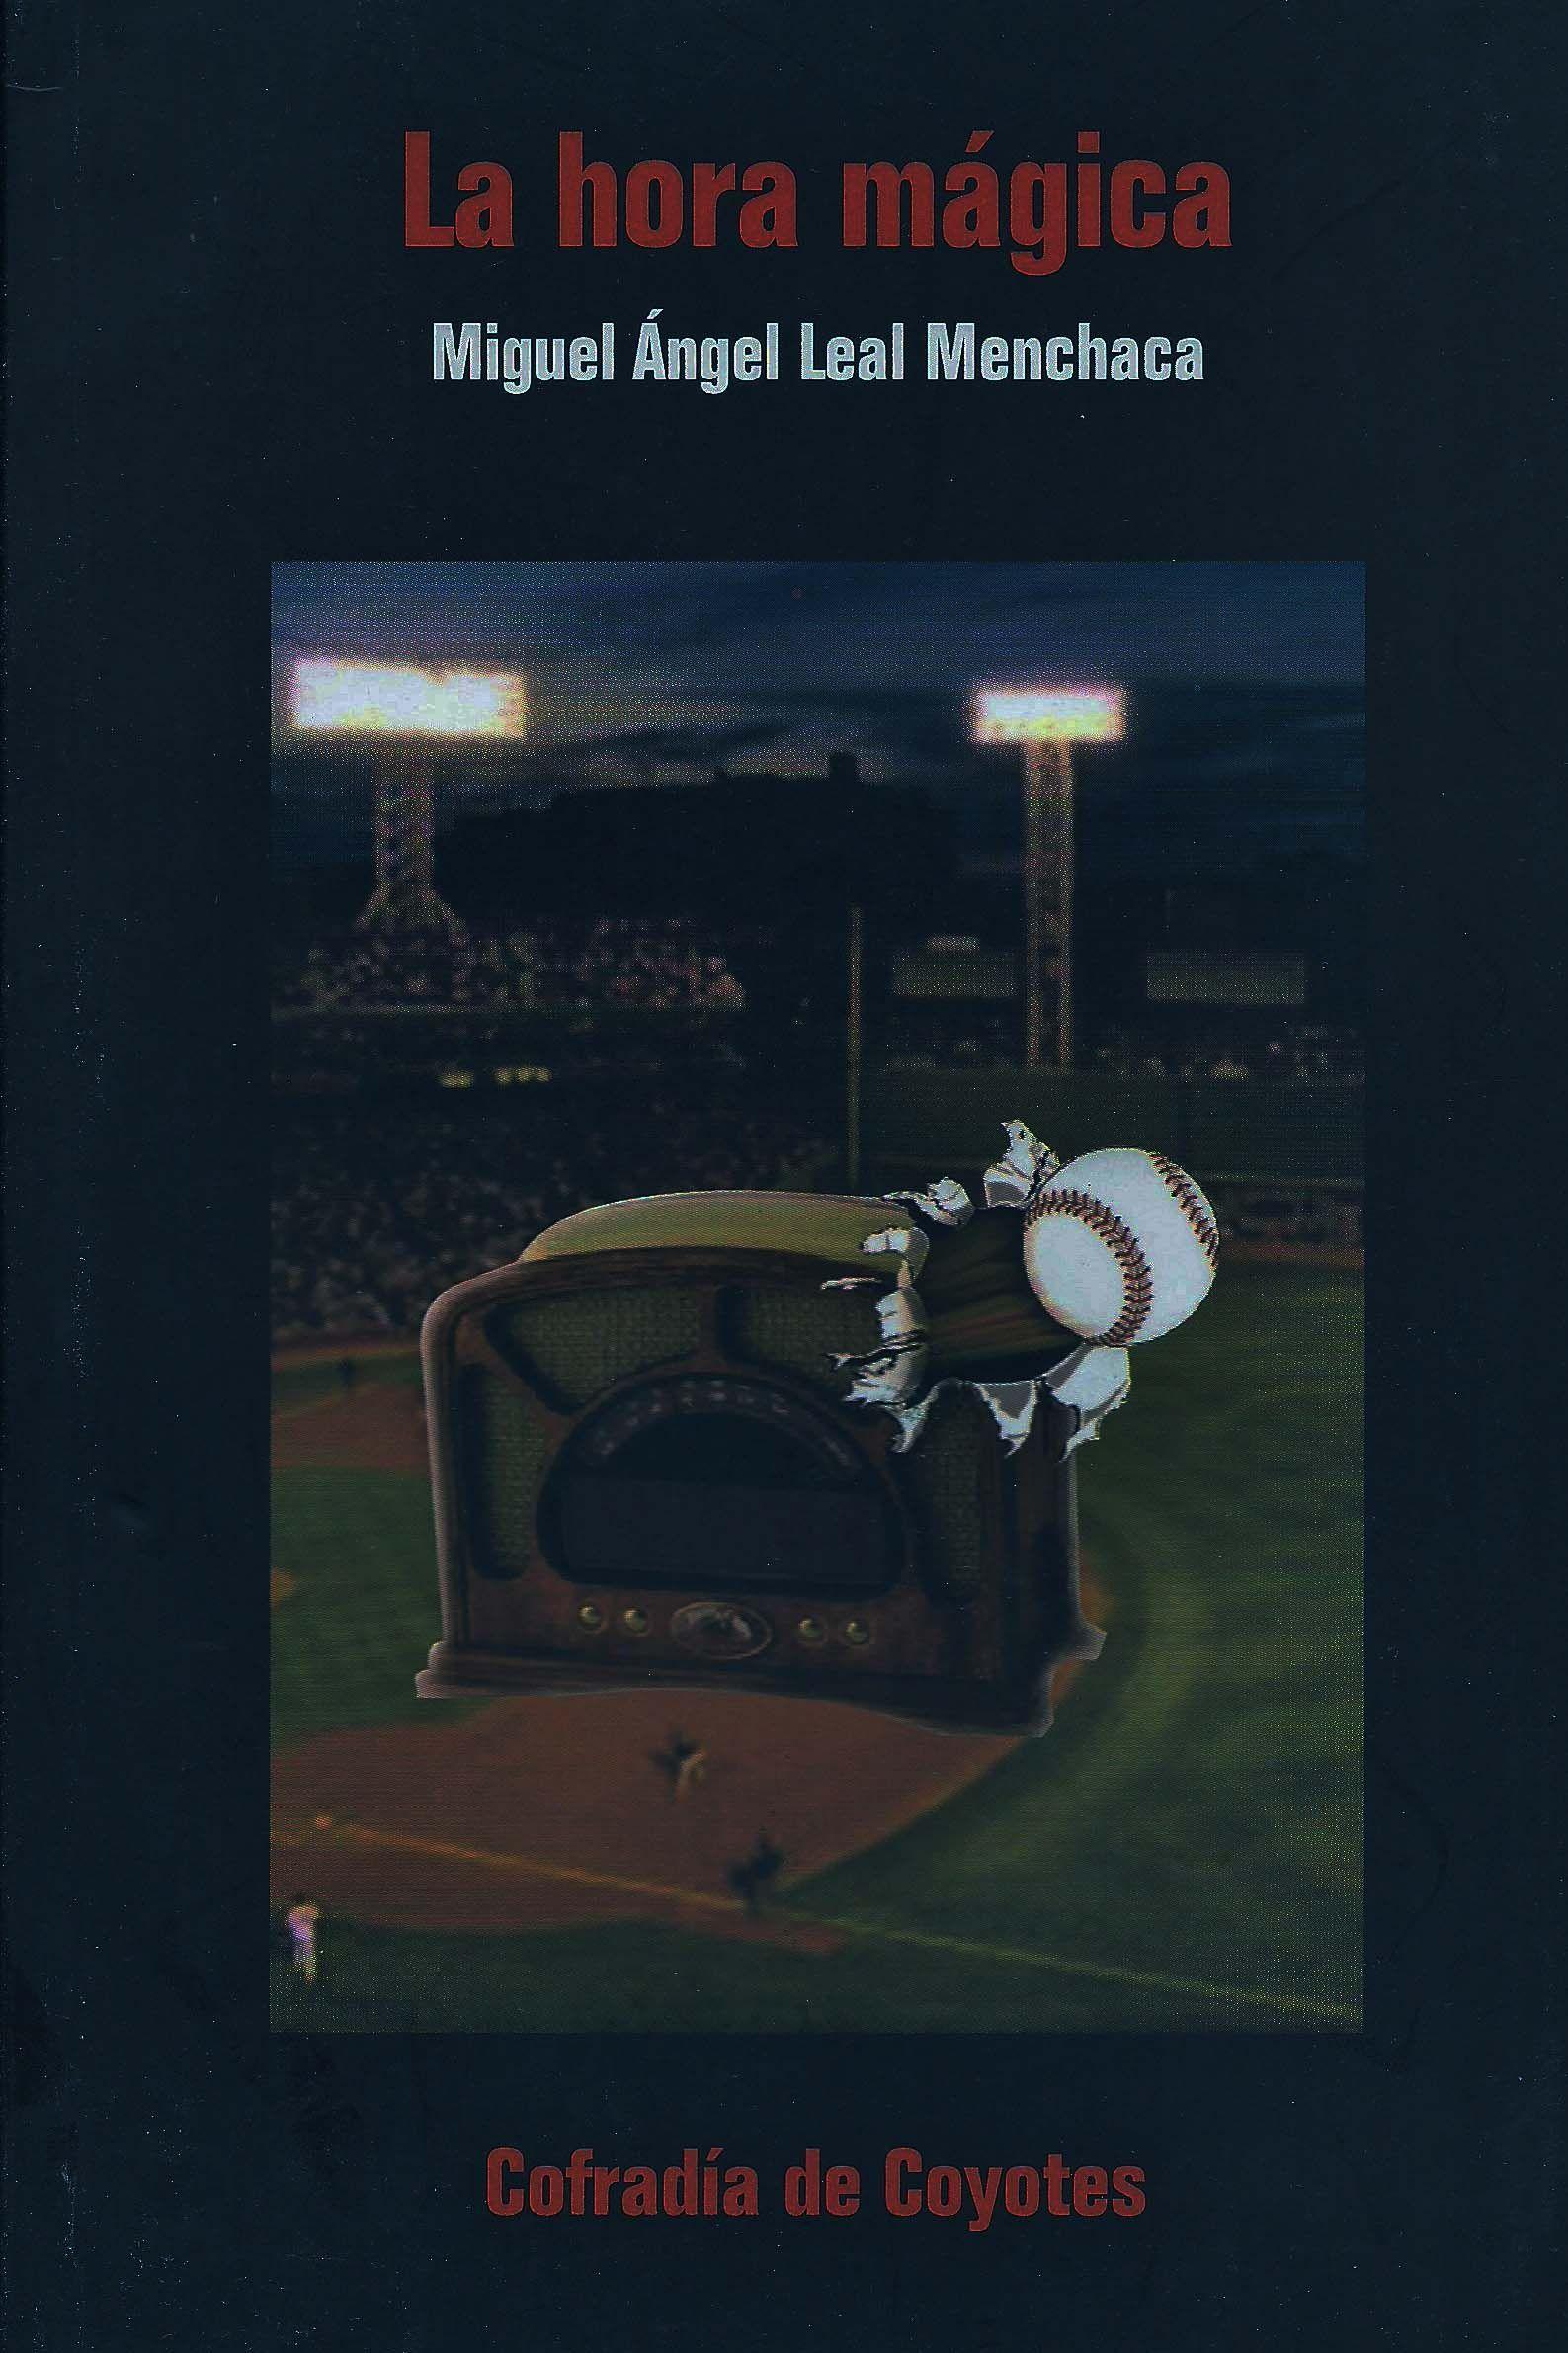 """LA HORA MÁGICA MIGUEL ANGEL LEAL MENCHACA """"La hora mágica"""" de los años 60´s era el momento en que iniciaba la transmisión de los partidos de beisbol, de la Liga Mexicana, las 7:30 de la noche. El autor recrea momentos entorno al ritual para escuchar la transmisión radiofónica del llamado Rey de los Deportes. El tema beisbolero sirve a Leal Menchaca para dibujar estampas de personajes que buscan vivir lo que el tiempo les arrebata.""""   EDIT. COFRADÍA DE COYOTES PRECIO:$50MX (MÁS GASTOS DE…"""